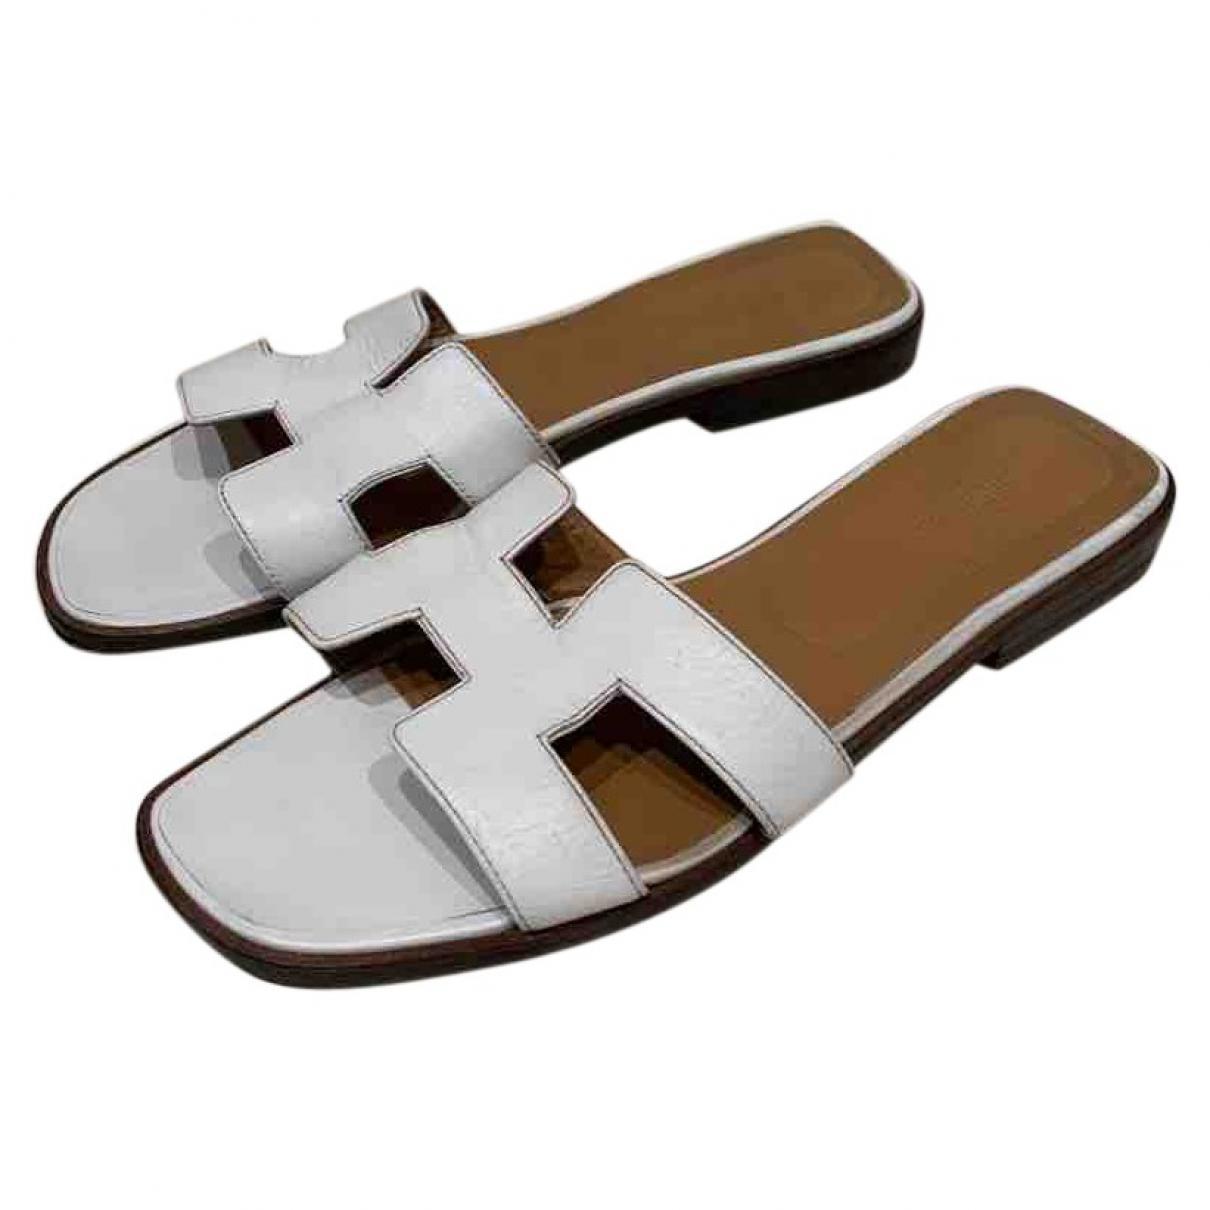 6ebd5eeef806 Hermès Oran White Leather Sandals in White - Lyst